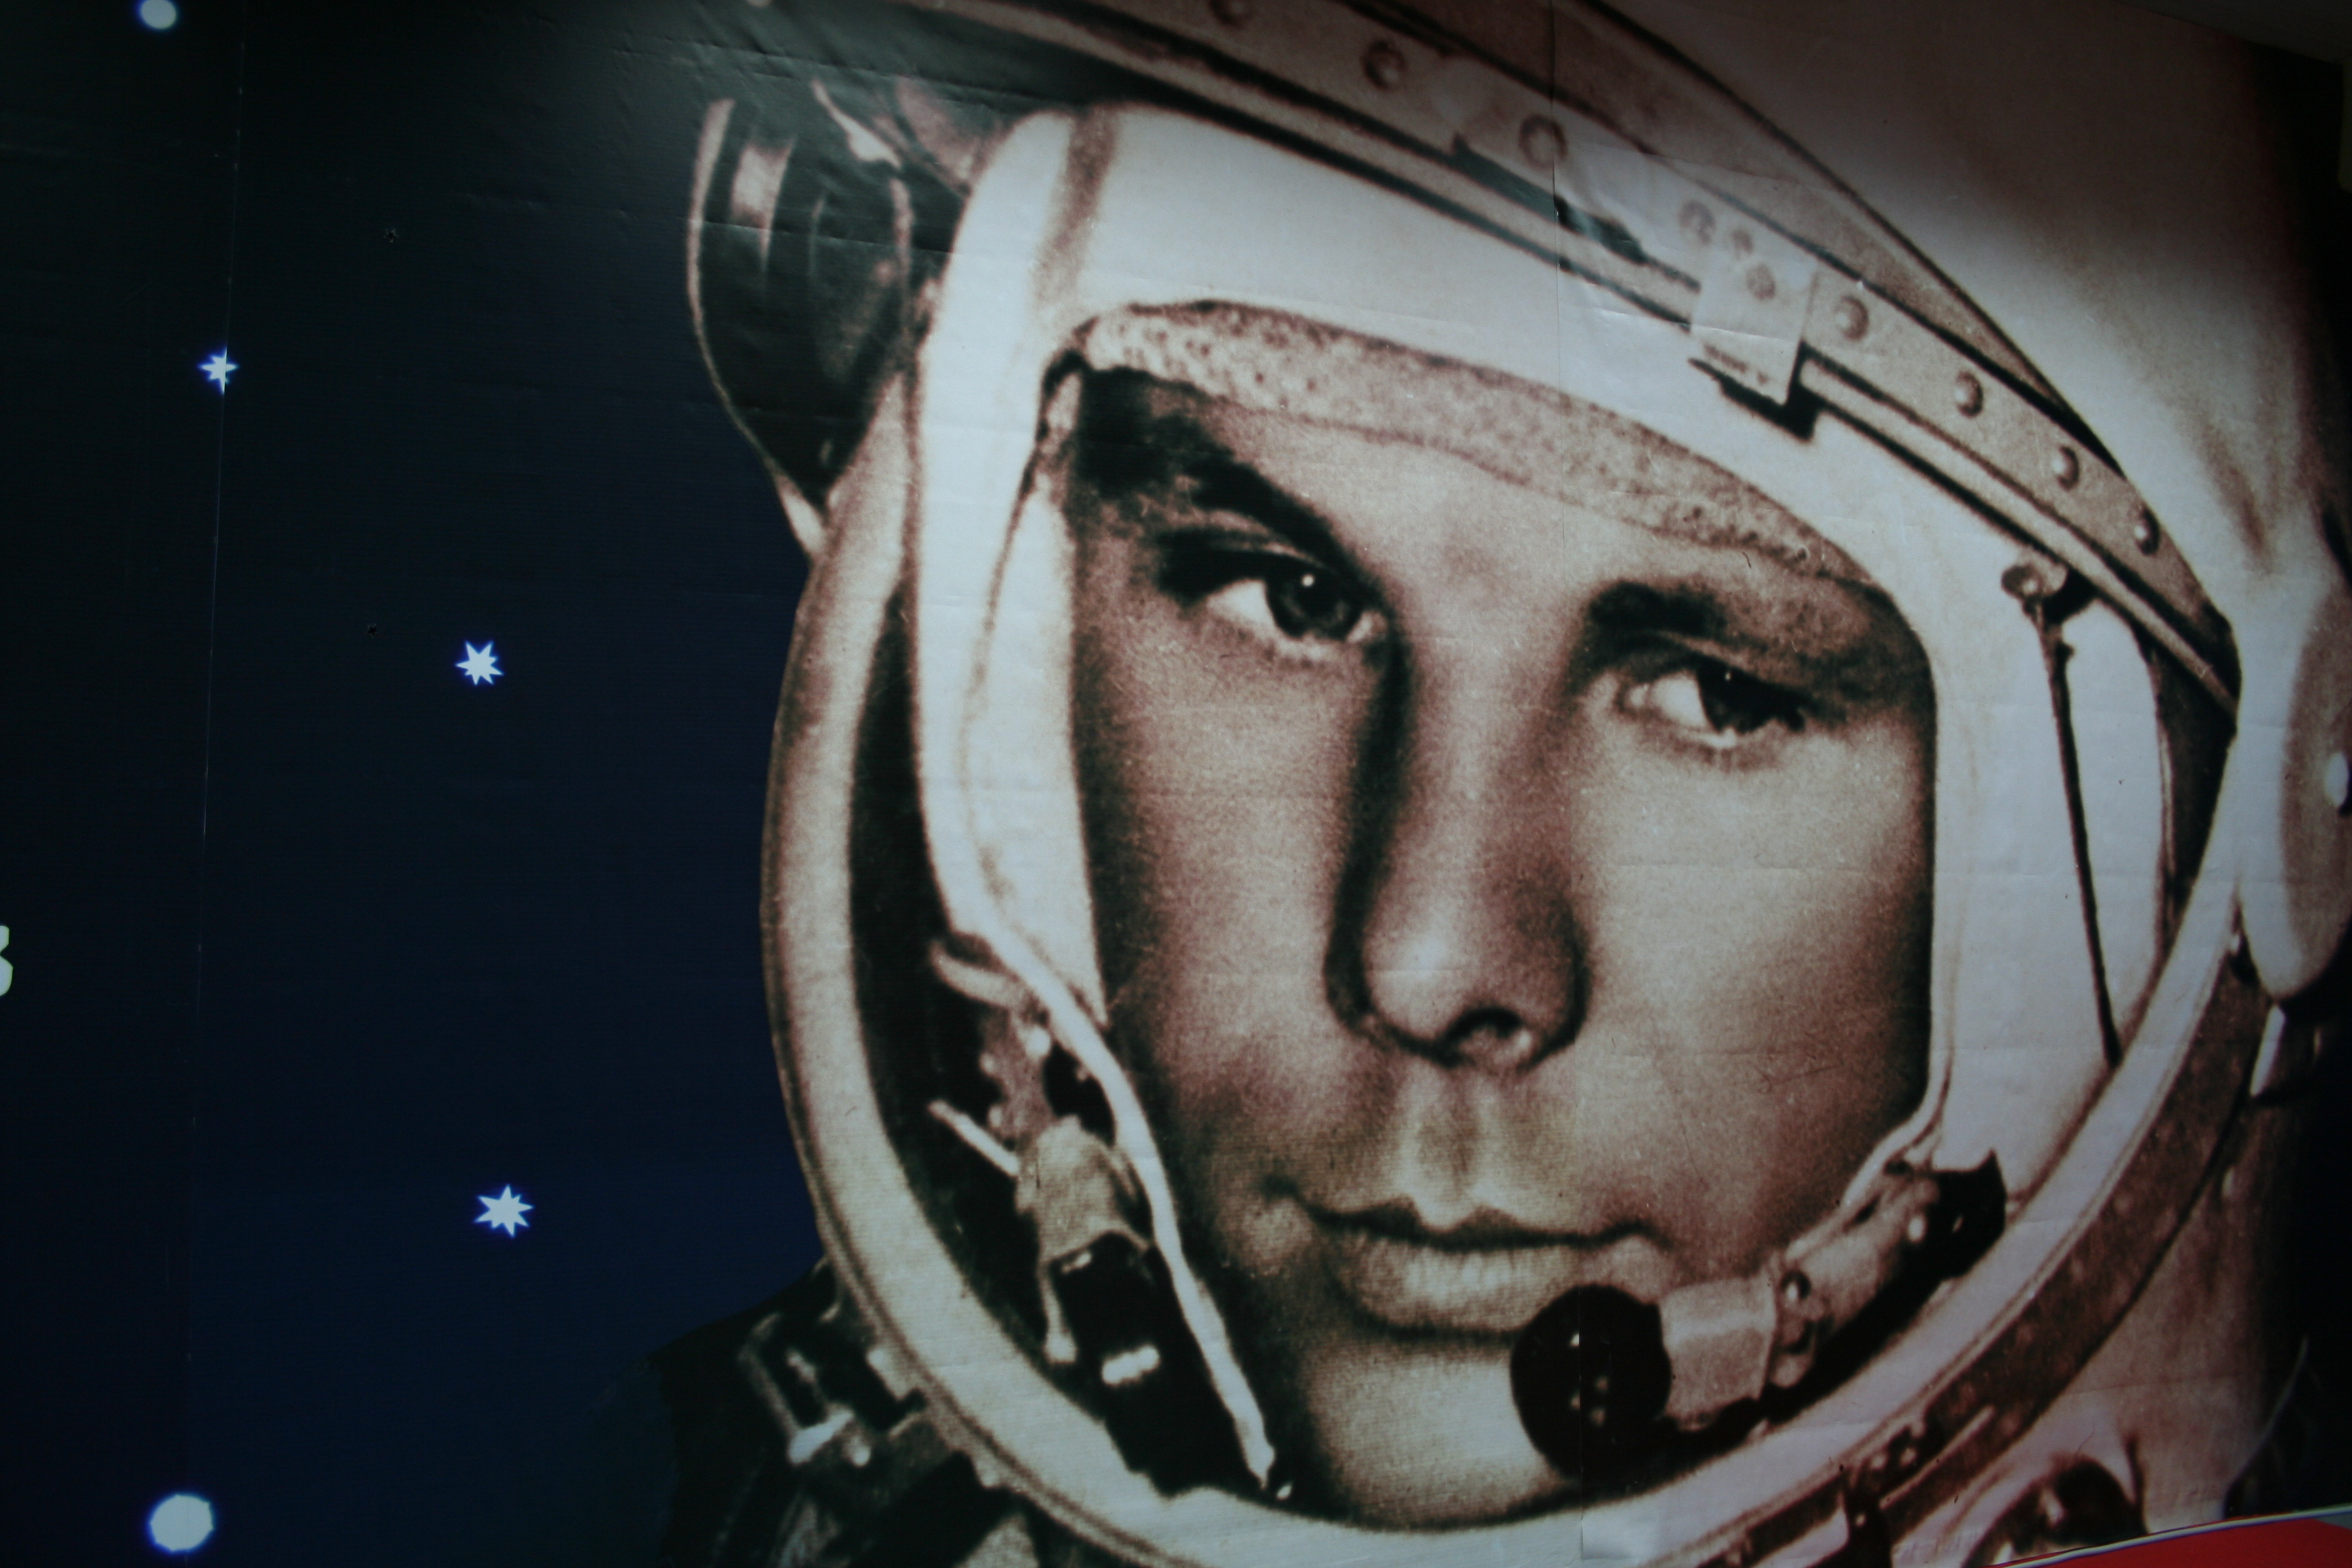 Фото день космонавта, парню